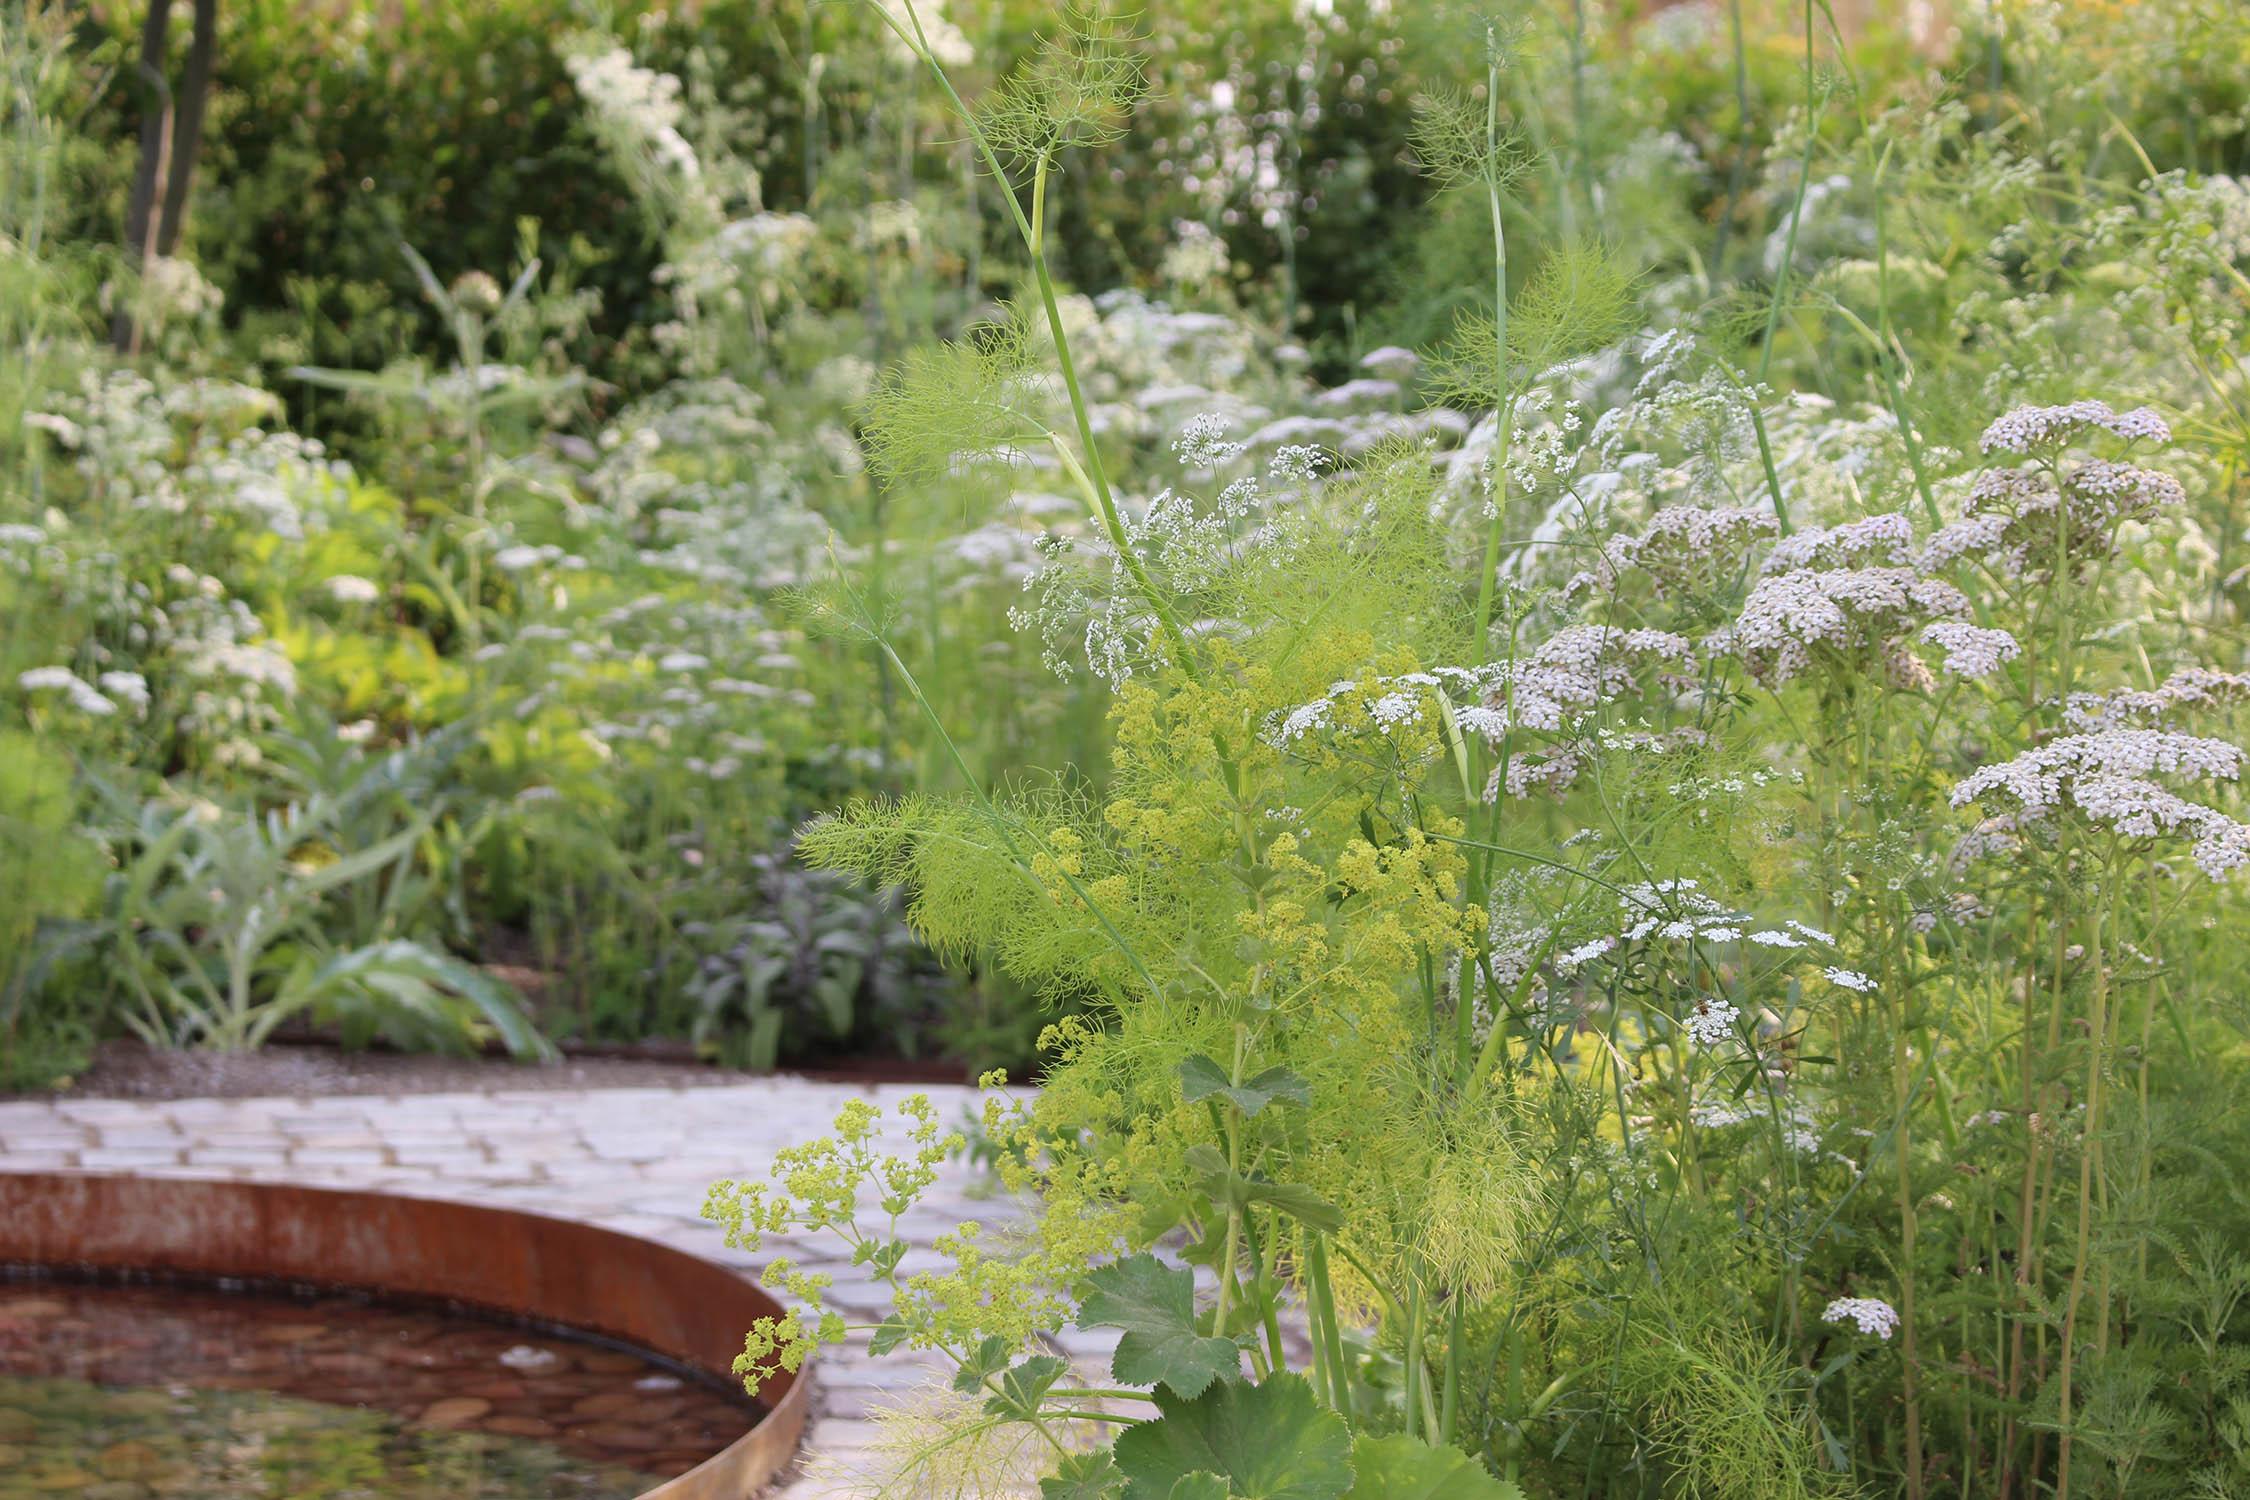 hampton-court-garden-lime-green-white-plants-flowers.jpg